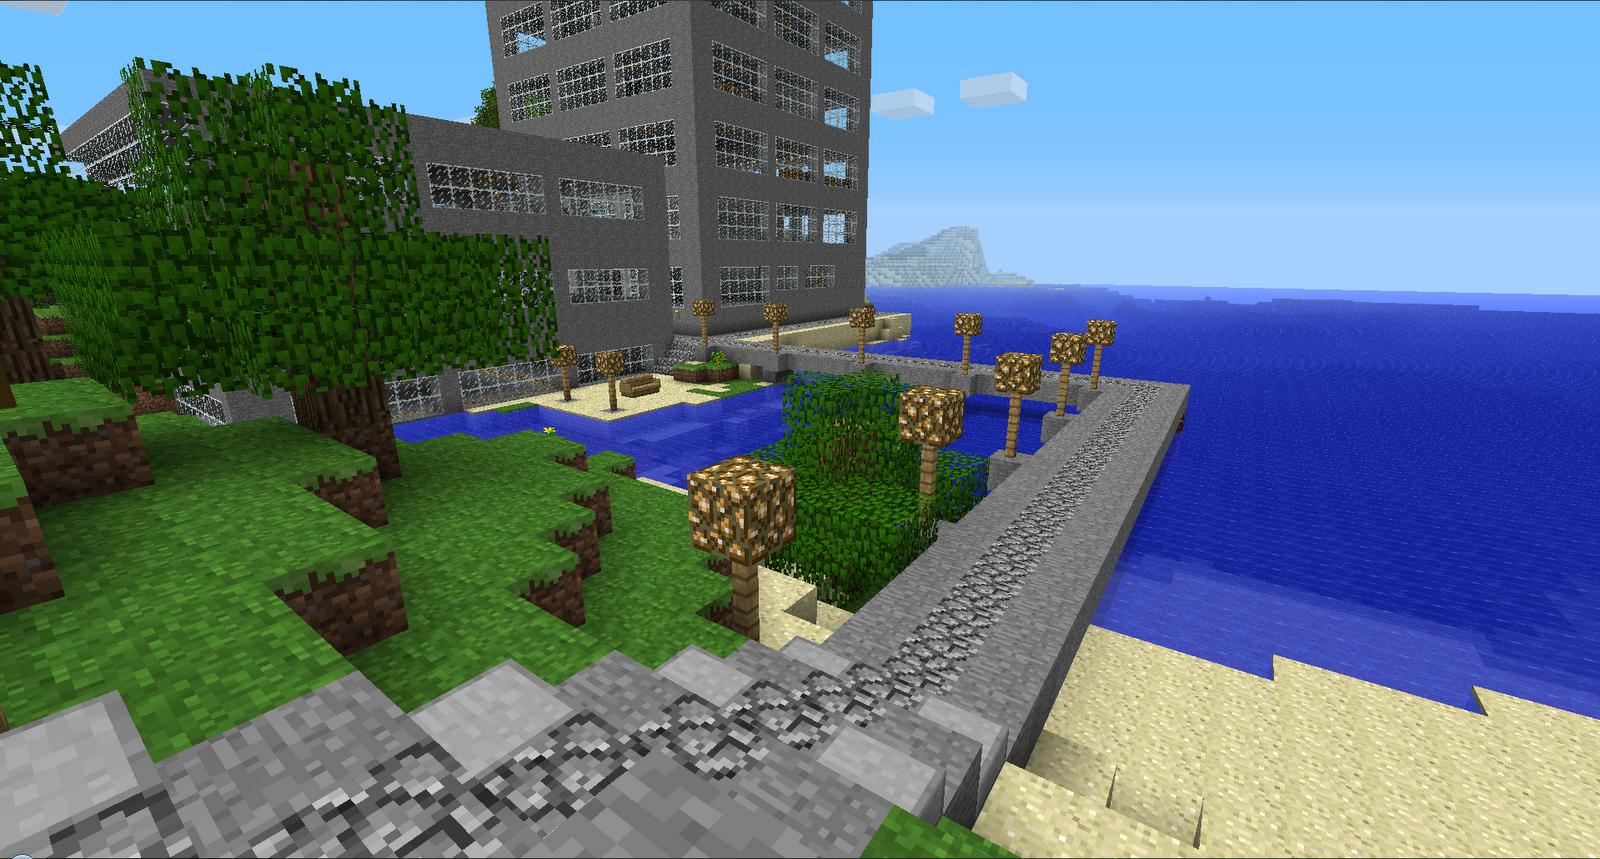 http://1.bp.blogspot.com/-uQLvw0s2-6M/TZZ_BLbyDII/AAAAAAAAAZE/6F5-pRl36j8/s1600/minecraft+building+city+entrance.png